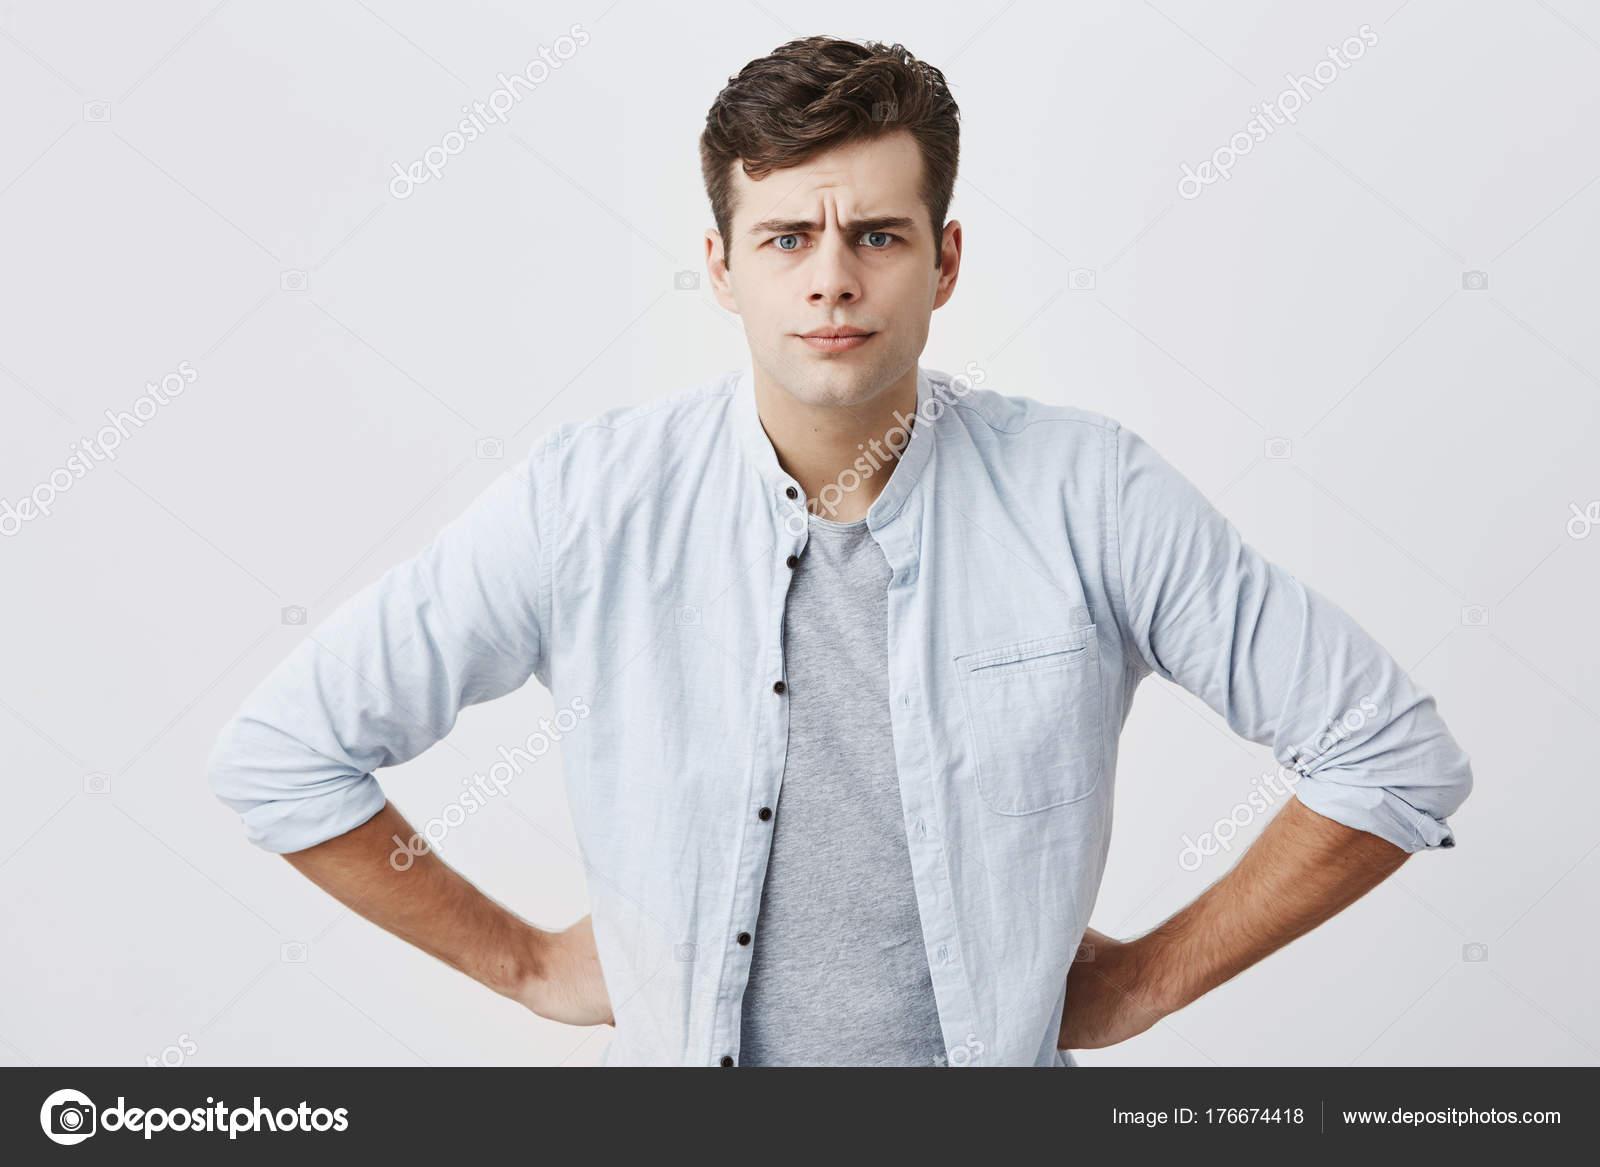 Serieux Homme Insatisfait Avec Coiffure Elegante Met Ses Mains Sur